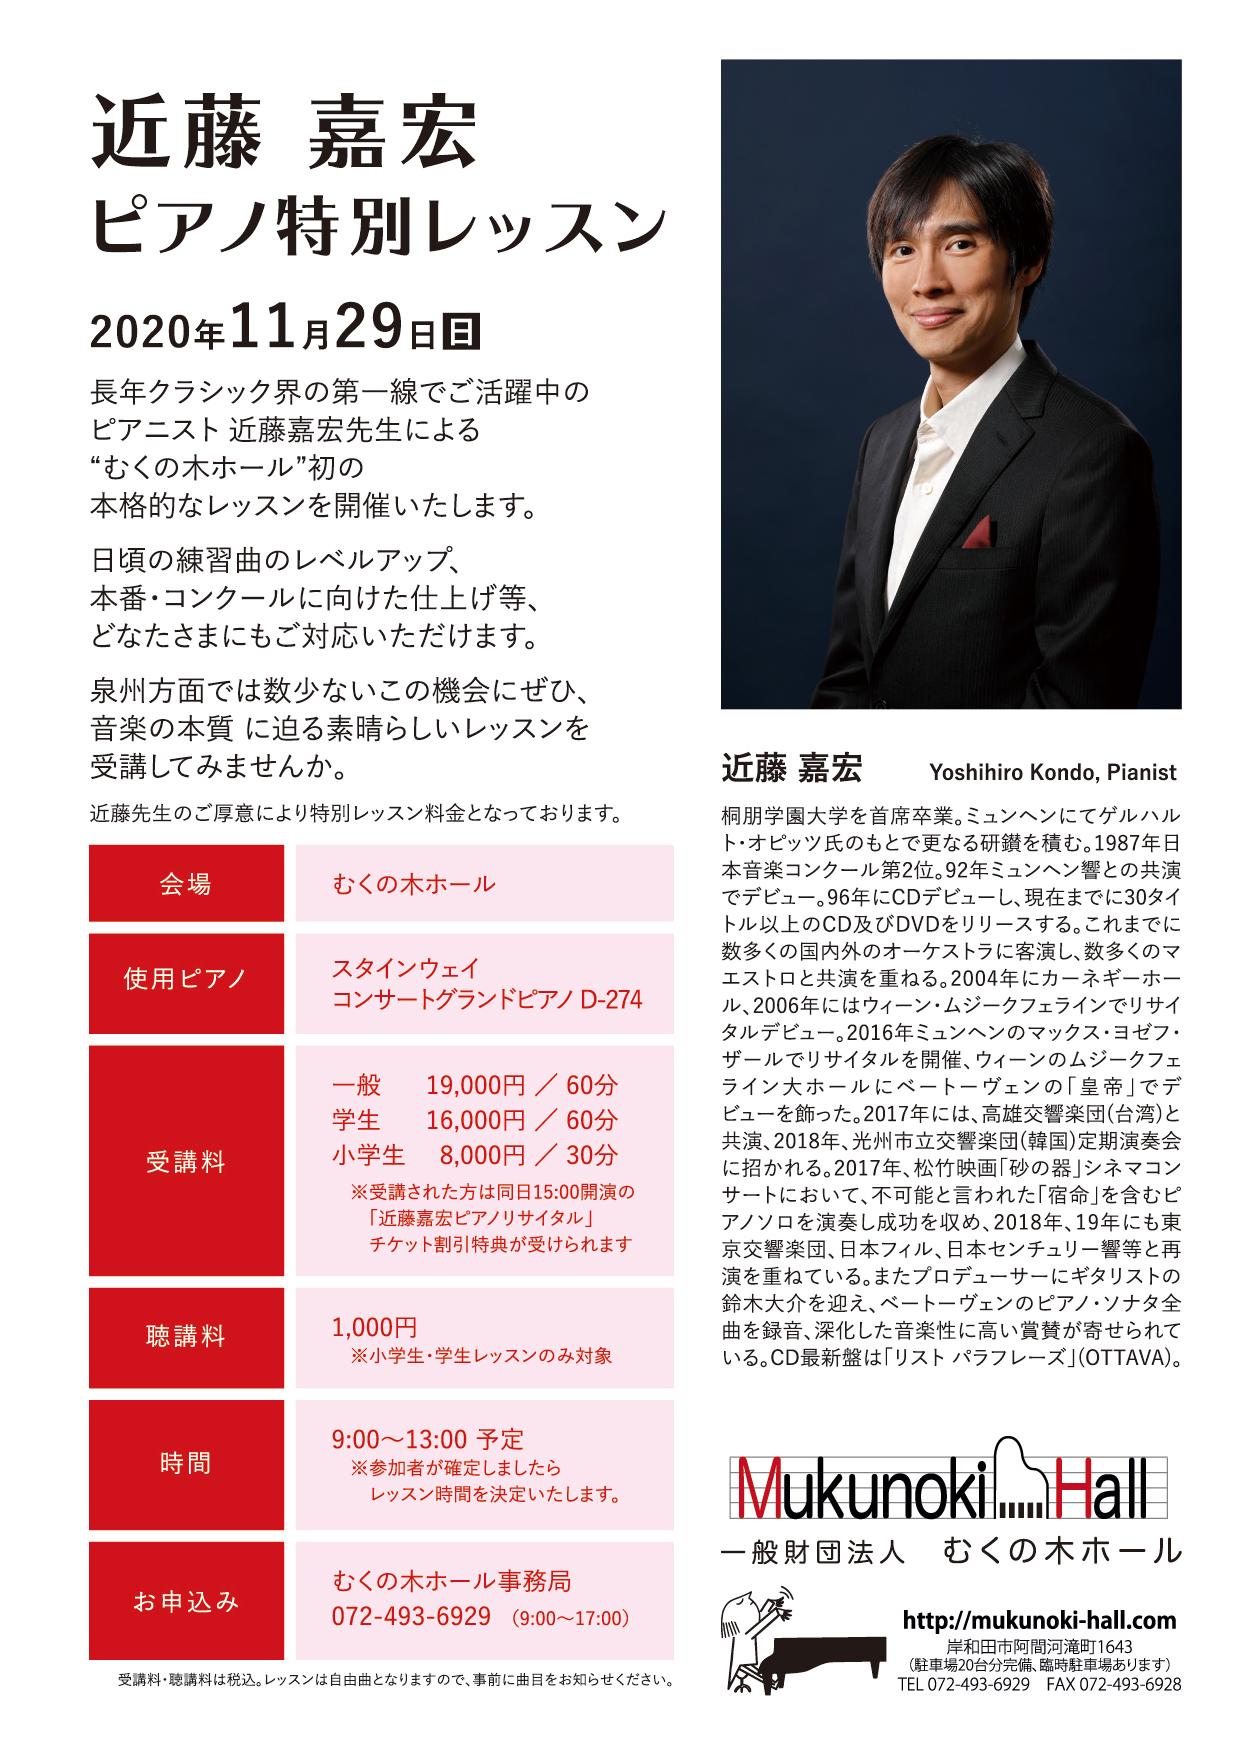 20201129_MukunokiHall2